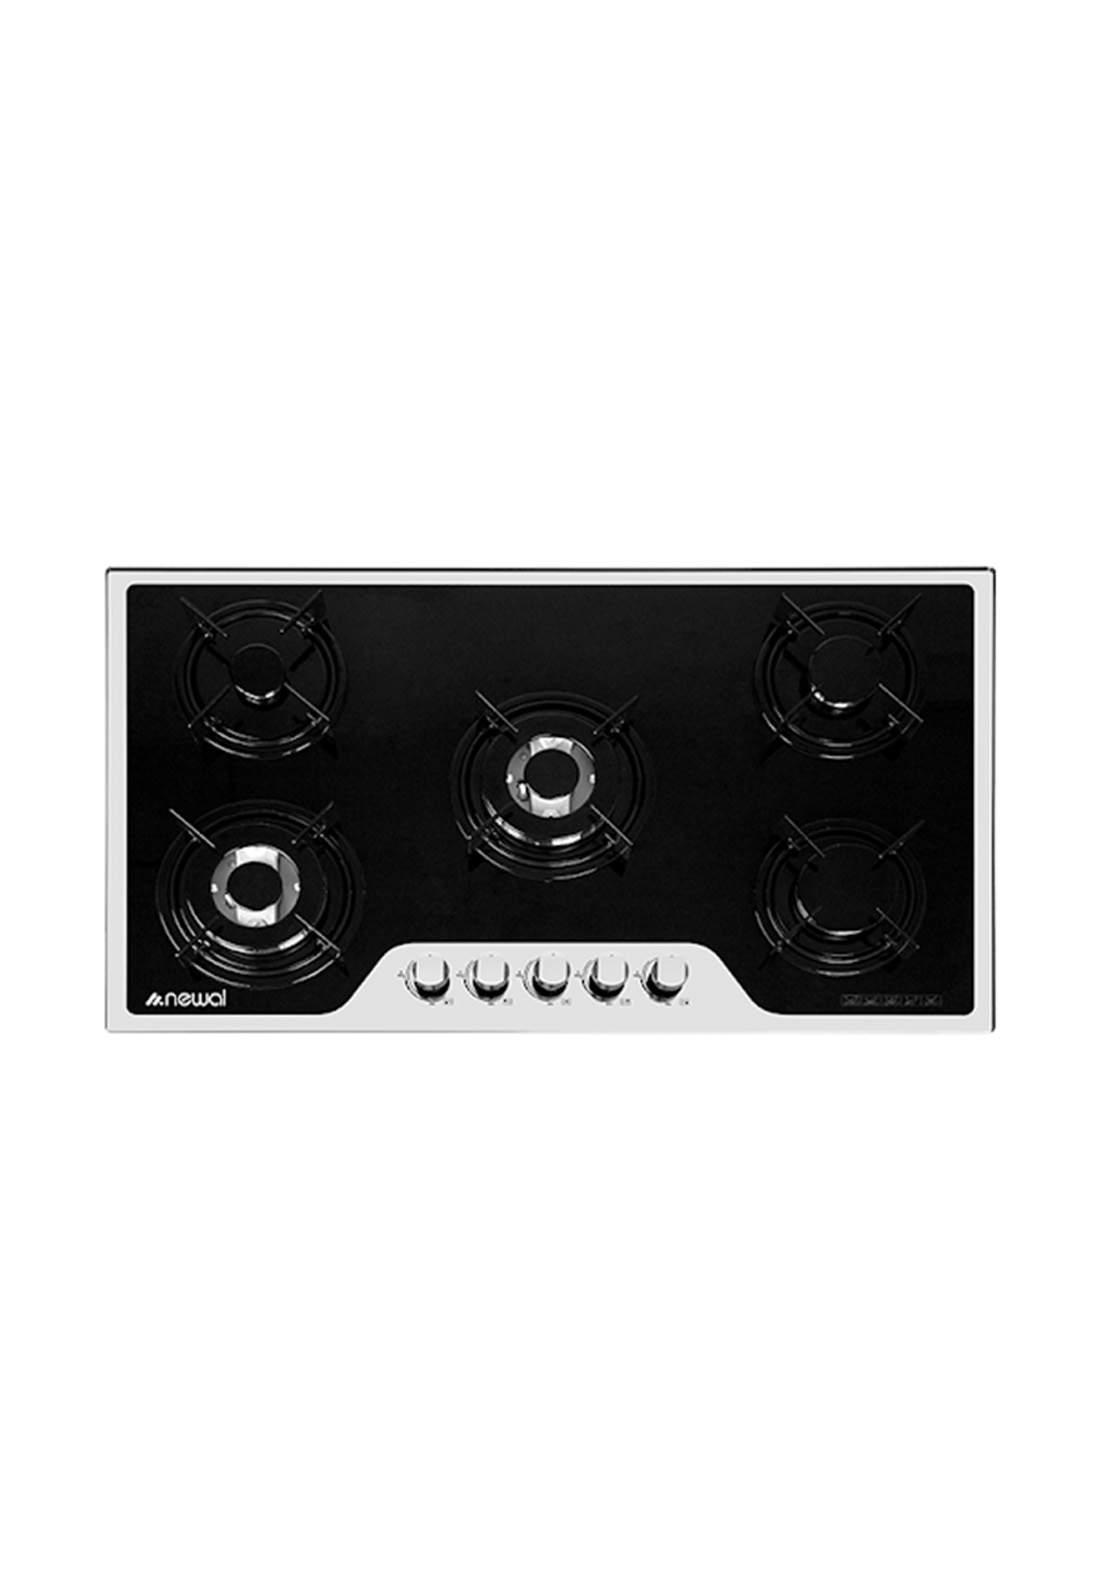 Newal  HOB-978-02 Gas Cooker  طباخ منضدي